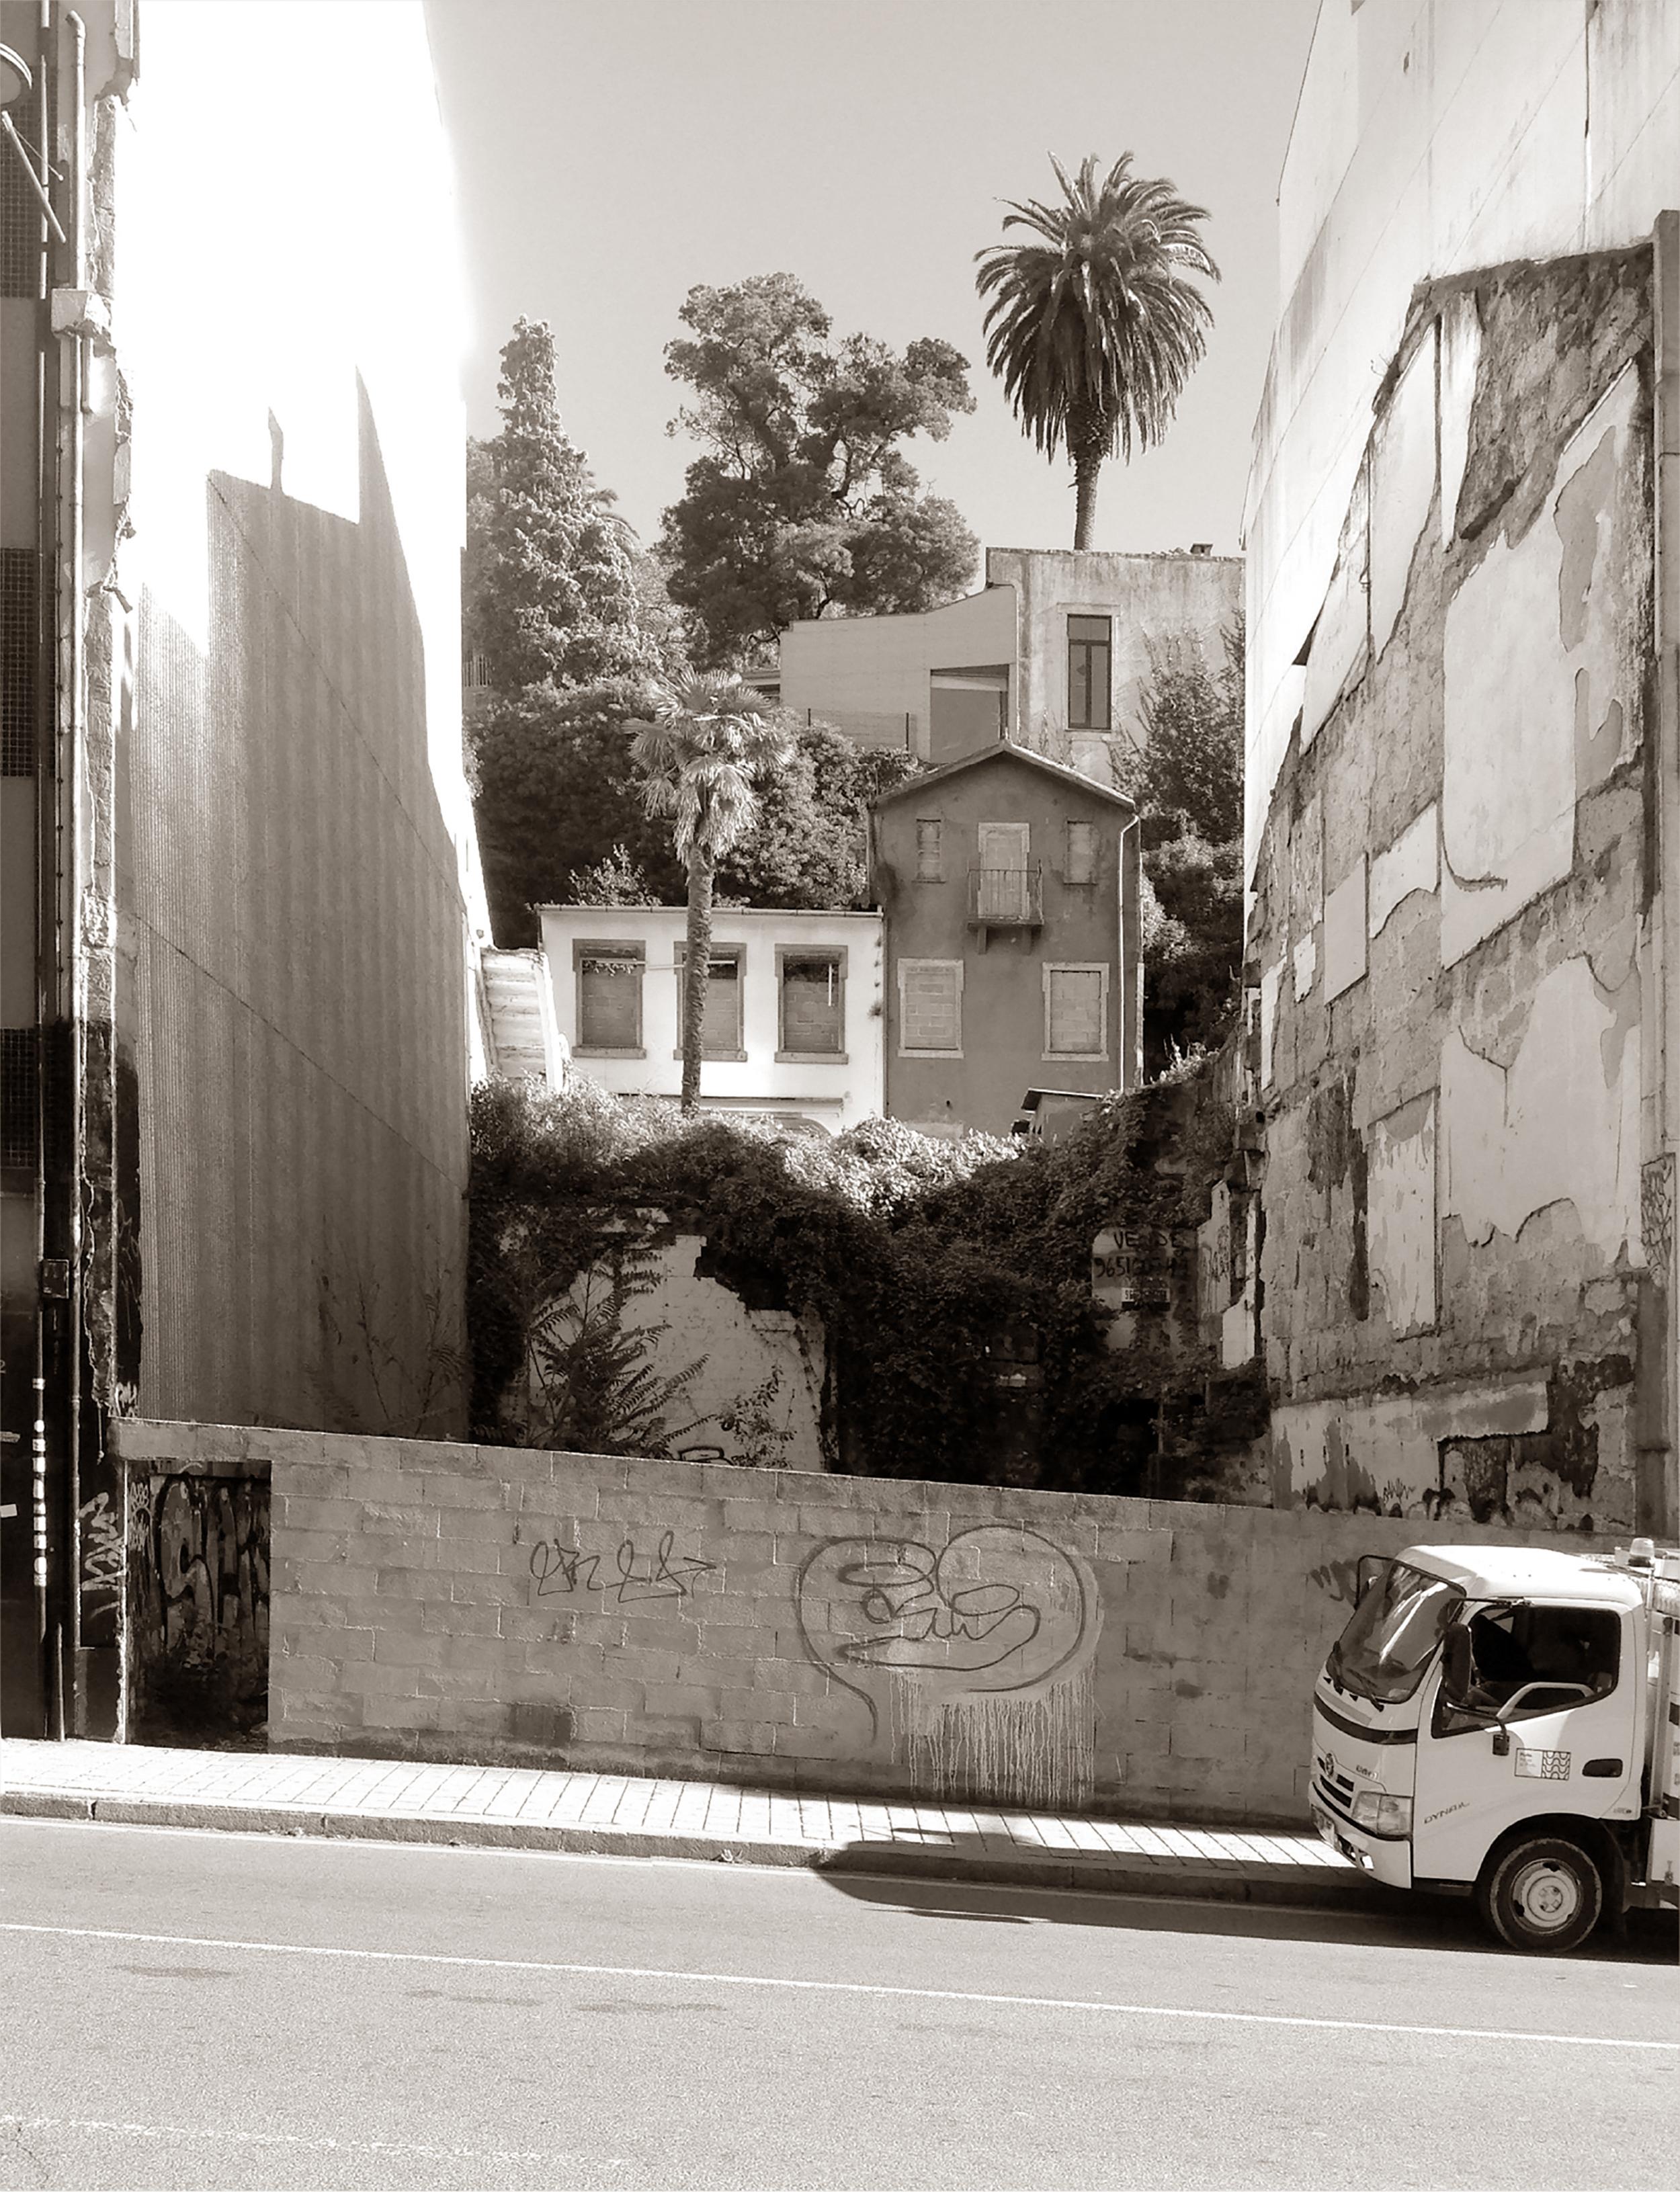 uma nova vida para edifícios esquecidos do Porto - JPN.UP 22.03.2018